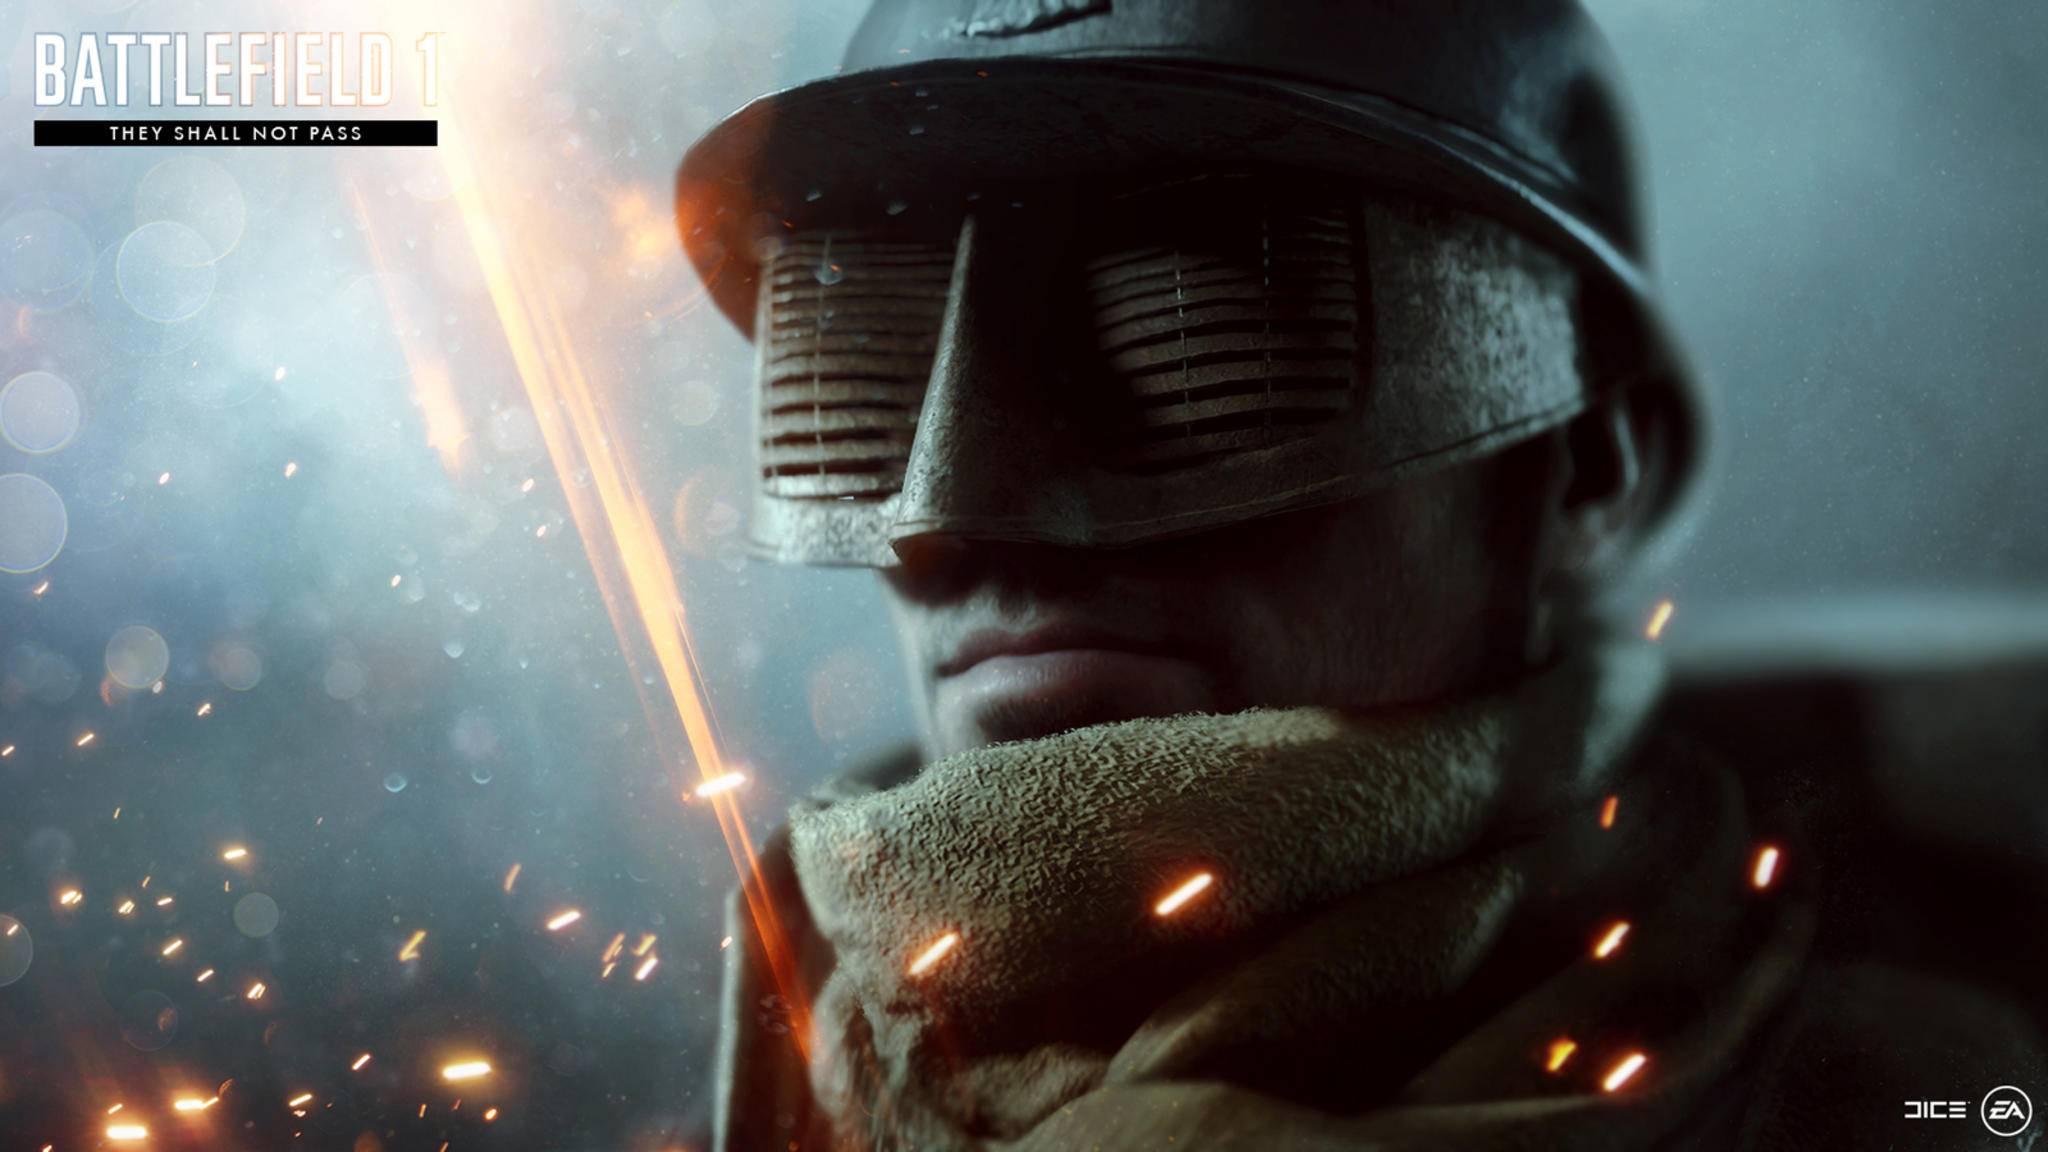 Battlefield 1 DLC